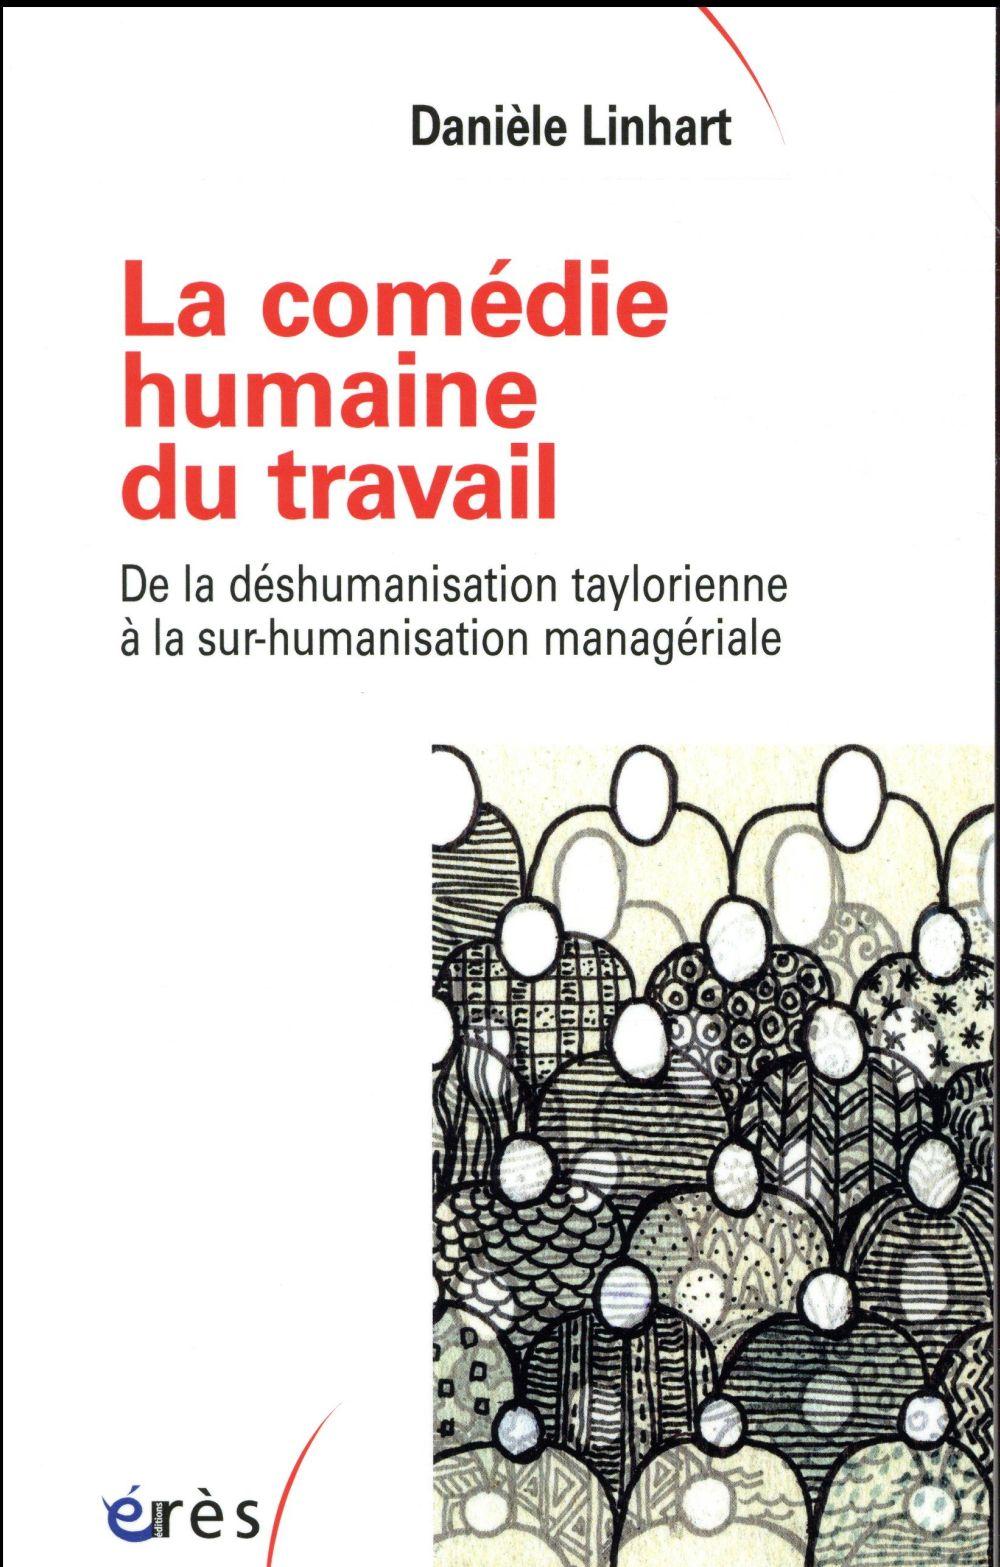 LA COMEDIE HUMAINE DU TRAVAIL DE LA DESHUMANISATION TAYLORIENNE A LA SUR-HUMANISATION MANAGERIALE